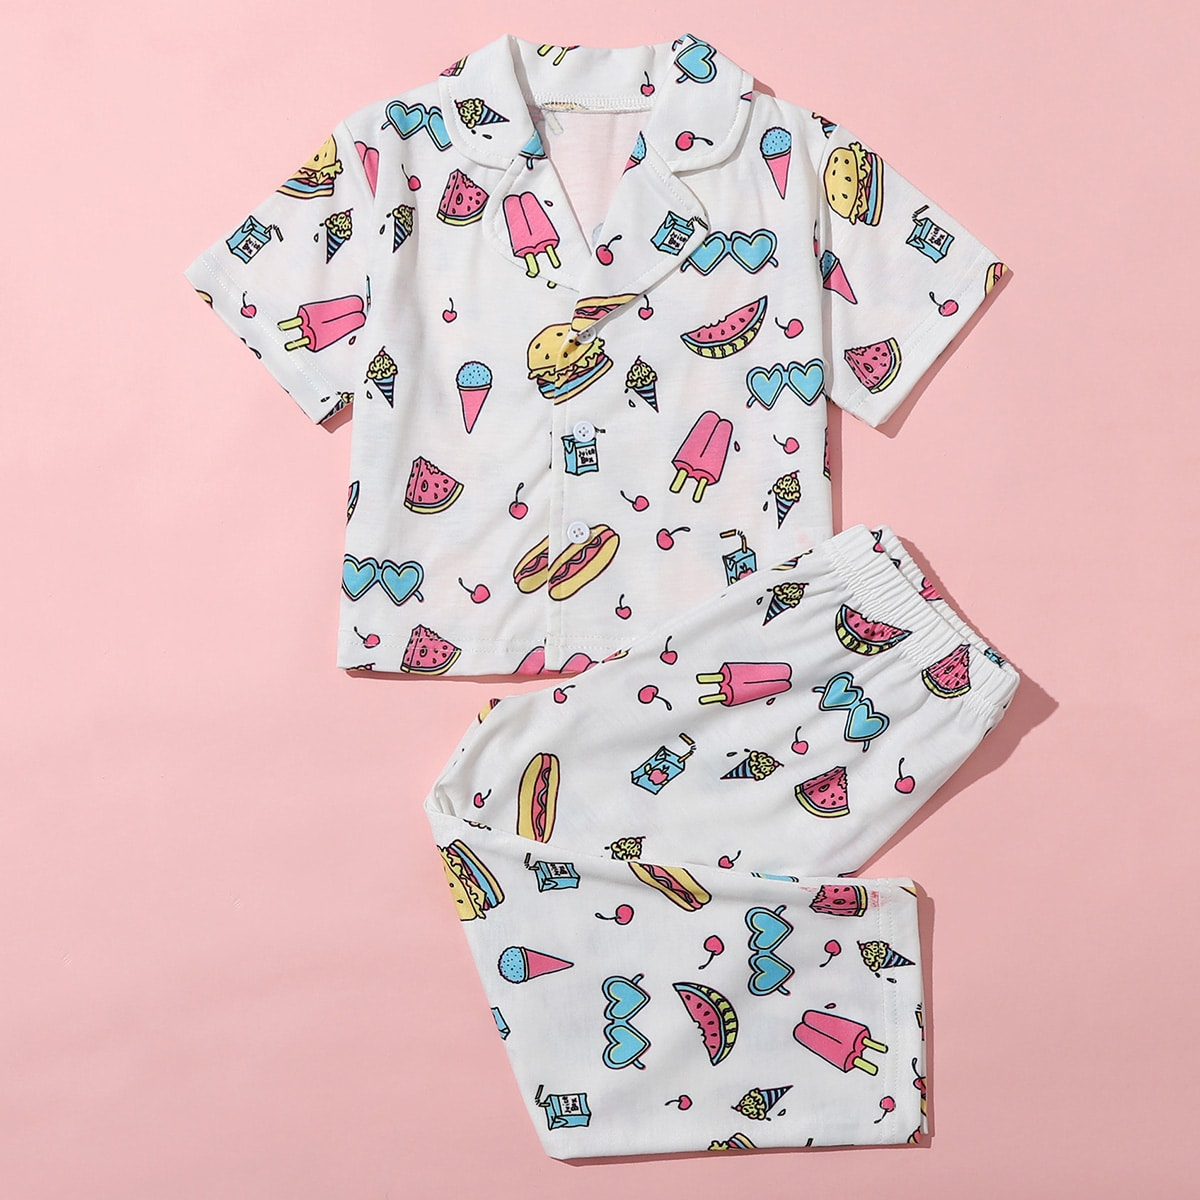 Белый Мультяшный принт милый Домашняя одежда для девочек от SHEIN